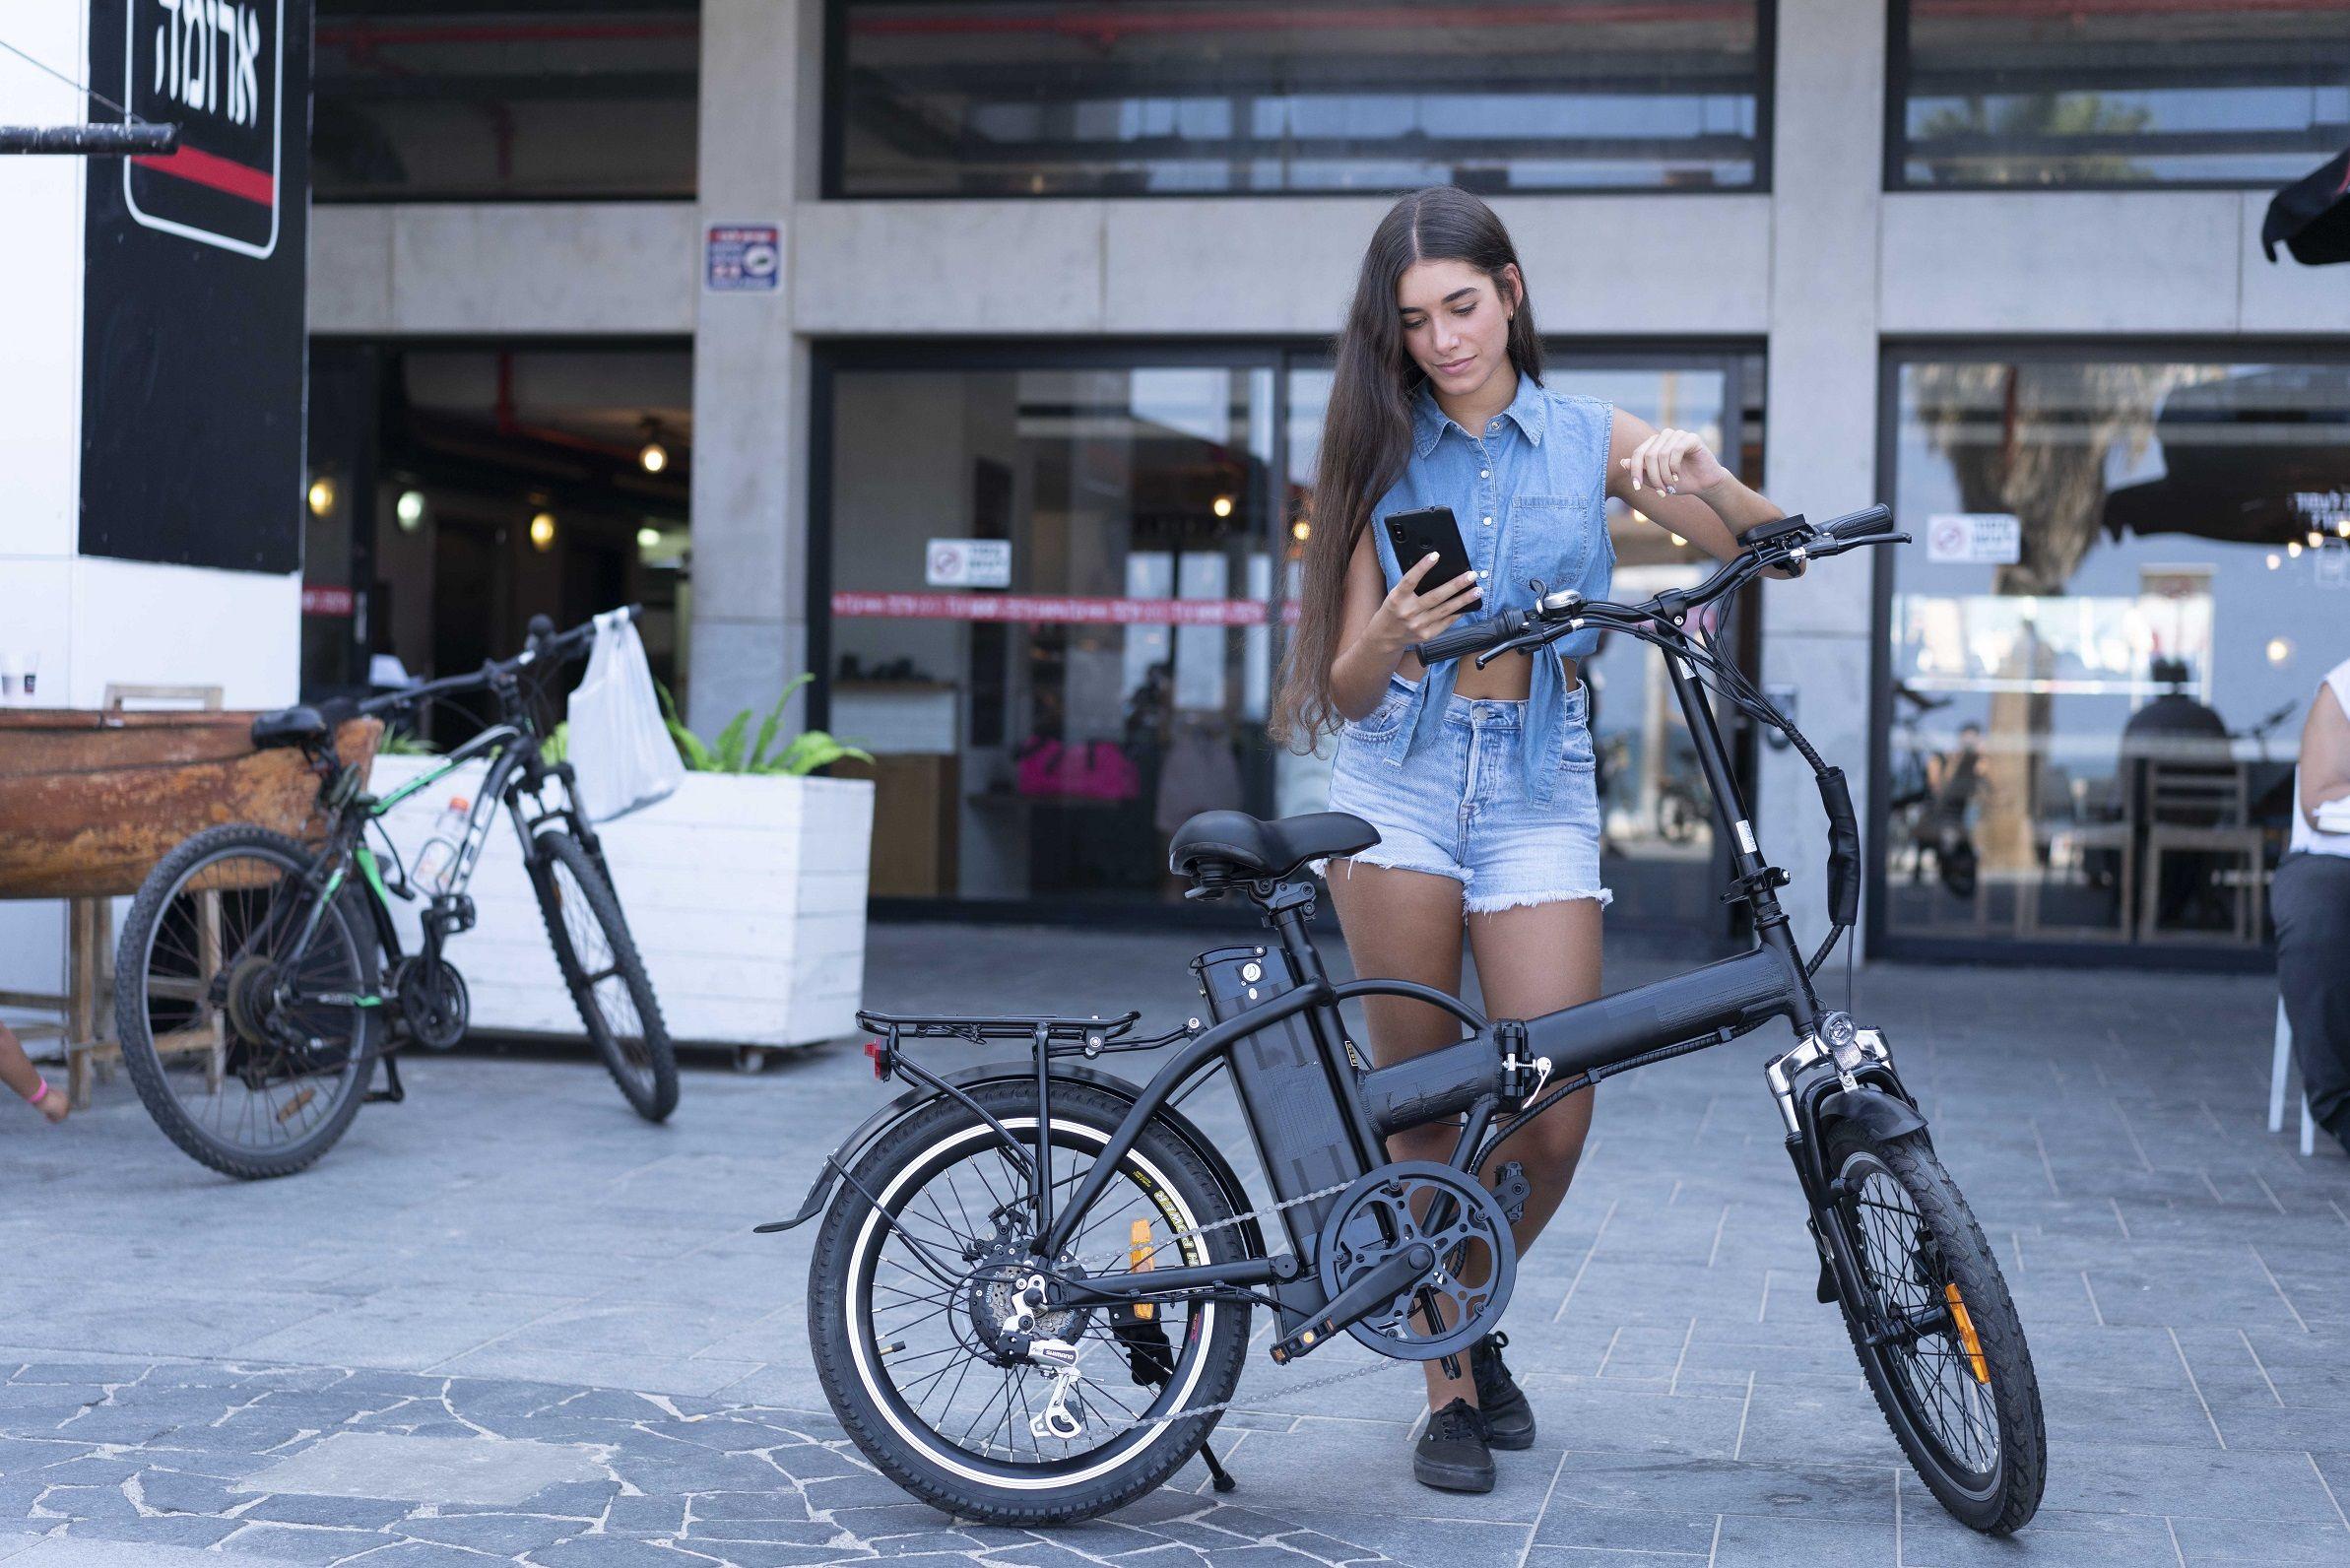 אבלון אופניים חשמליים רחובות, אבלון אופניים חשמליות, חנות אופניים חשמליות ברחובות